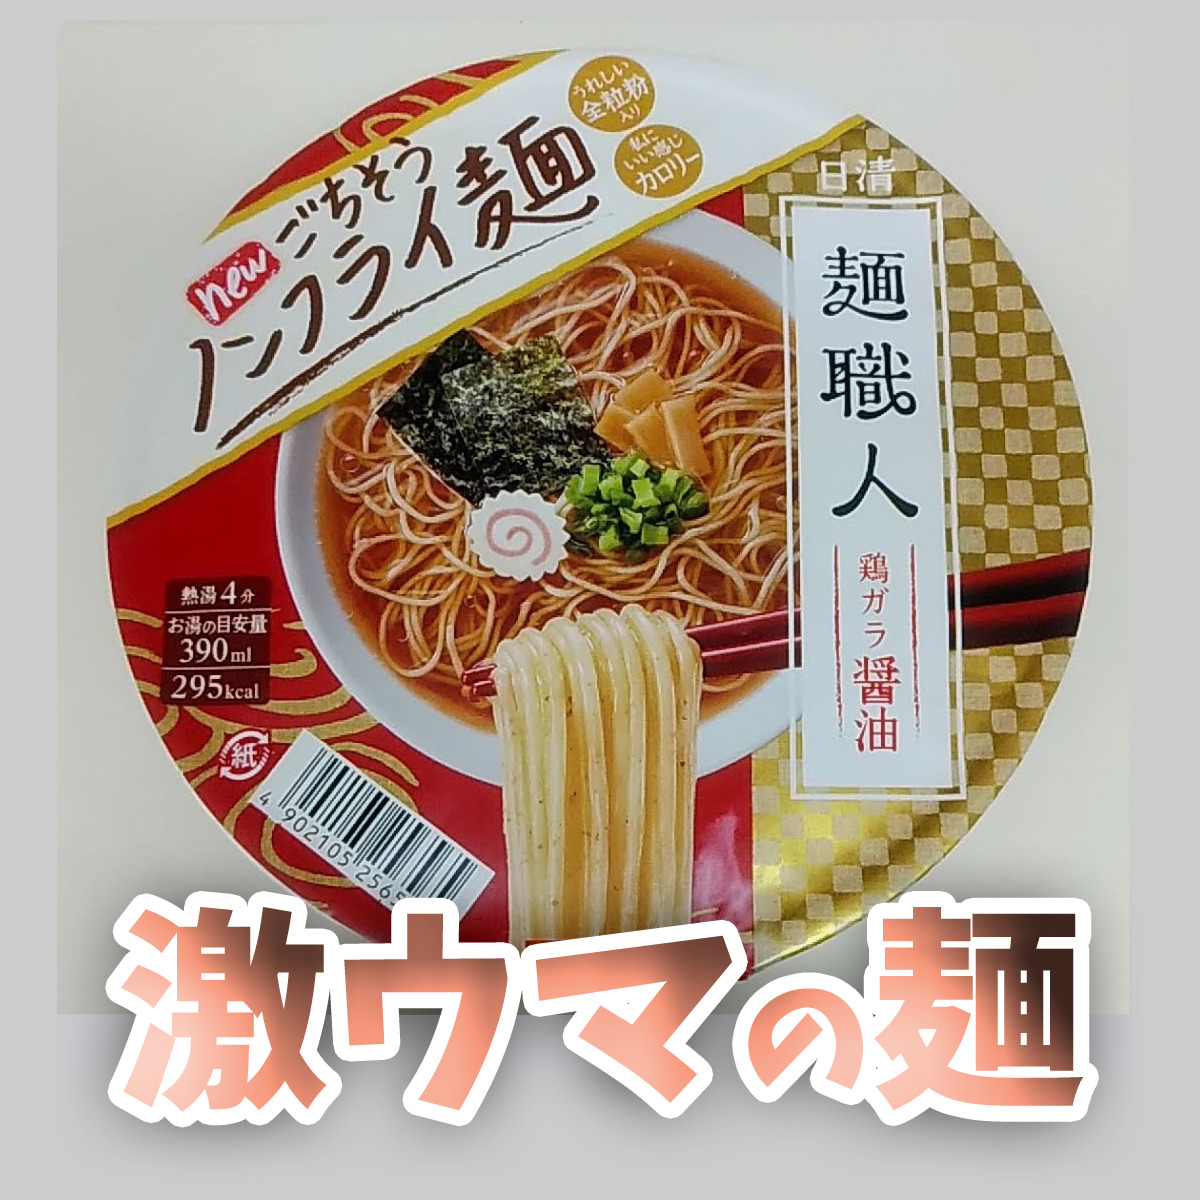 激ウマの麺